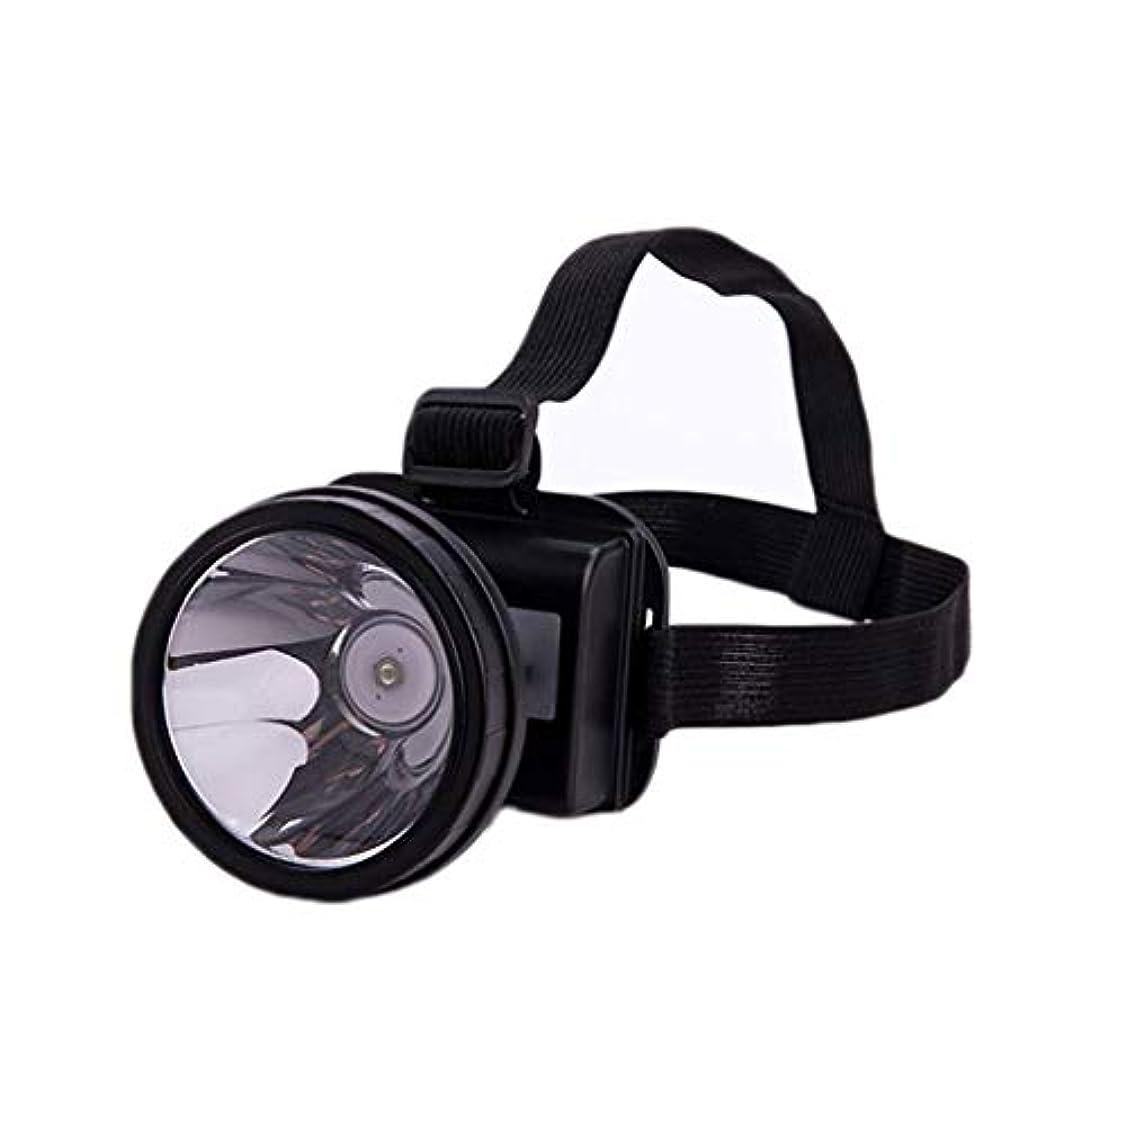 常に支配するシュガーYDXYZ 連続ヘッドライトヘッドランプ充電式、ヘッドトーチ、釣り用ライトLED 90°調整可能サーチライト防水ナイトランプ緊急用超軽量ランタンキセノン屋外懐中電灯長寿命